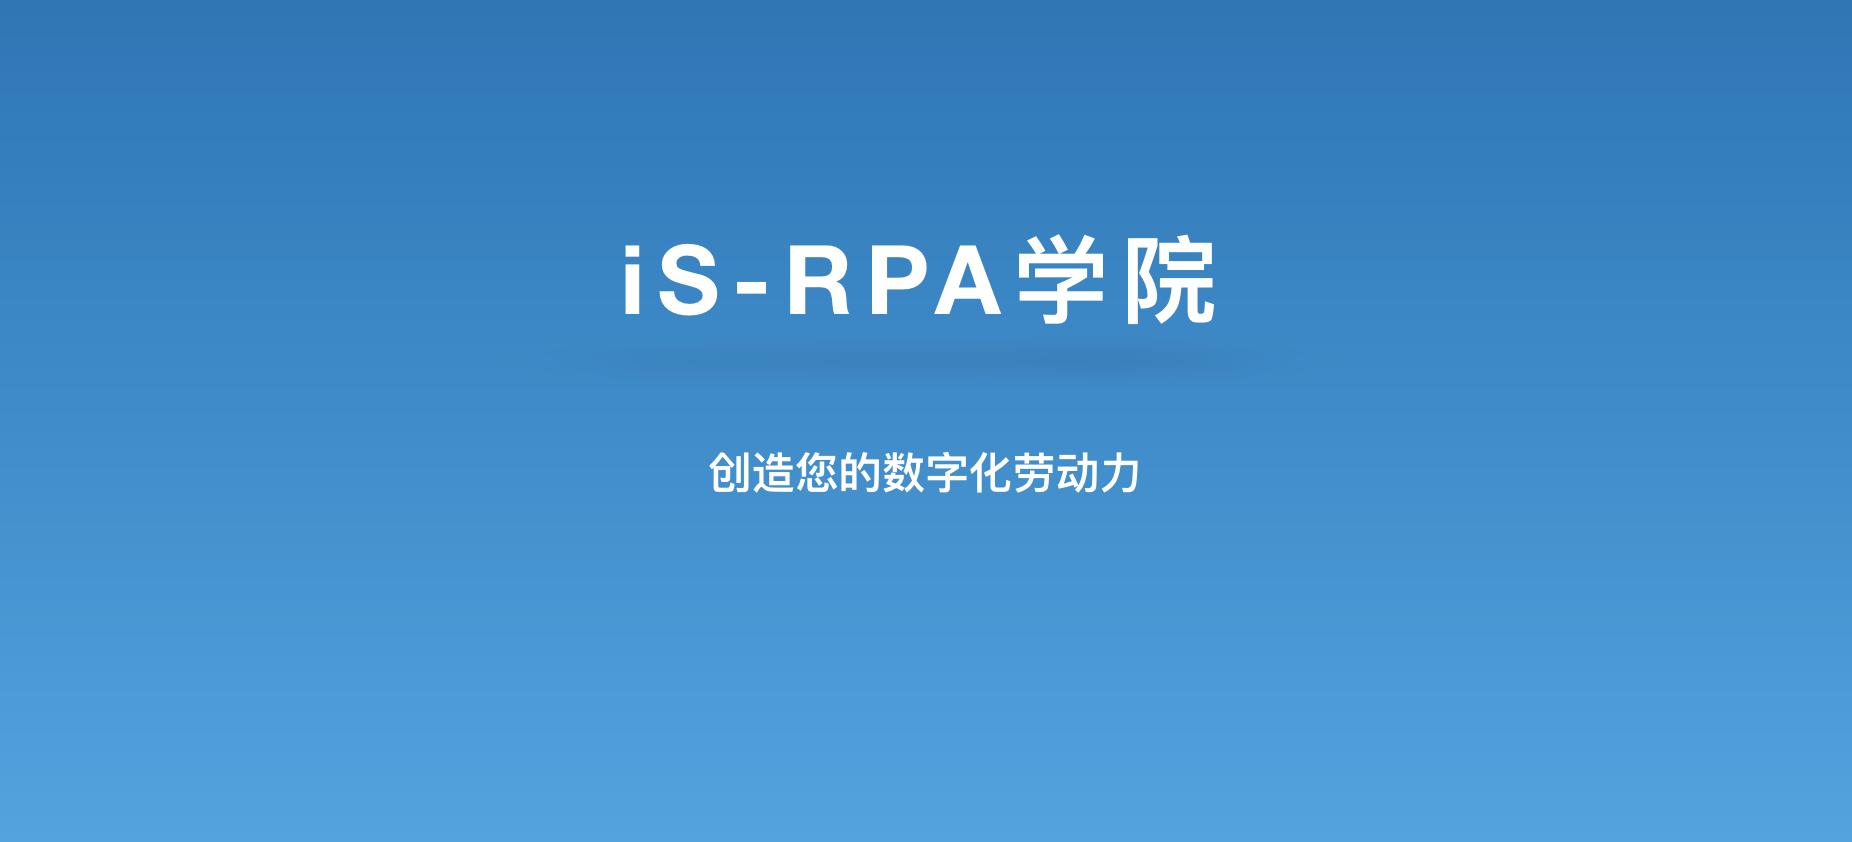 iS-RPA 学院 3 月份培训课程计划